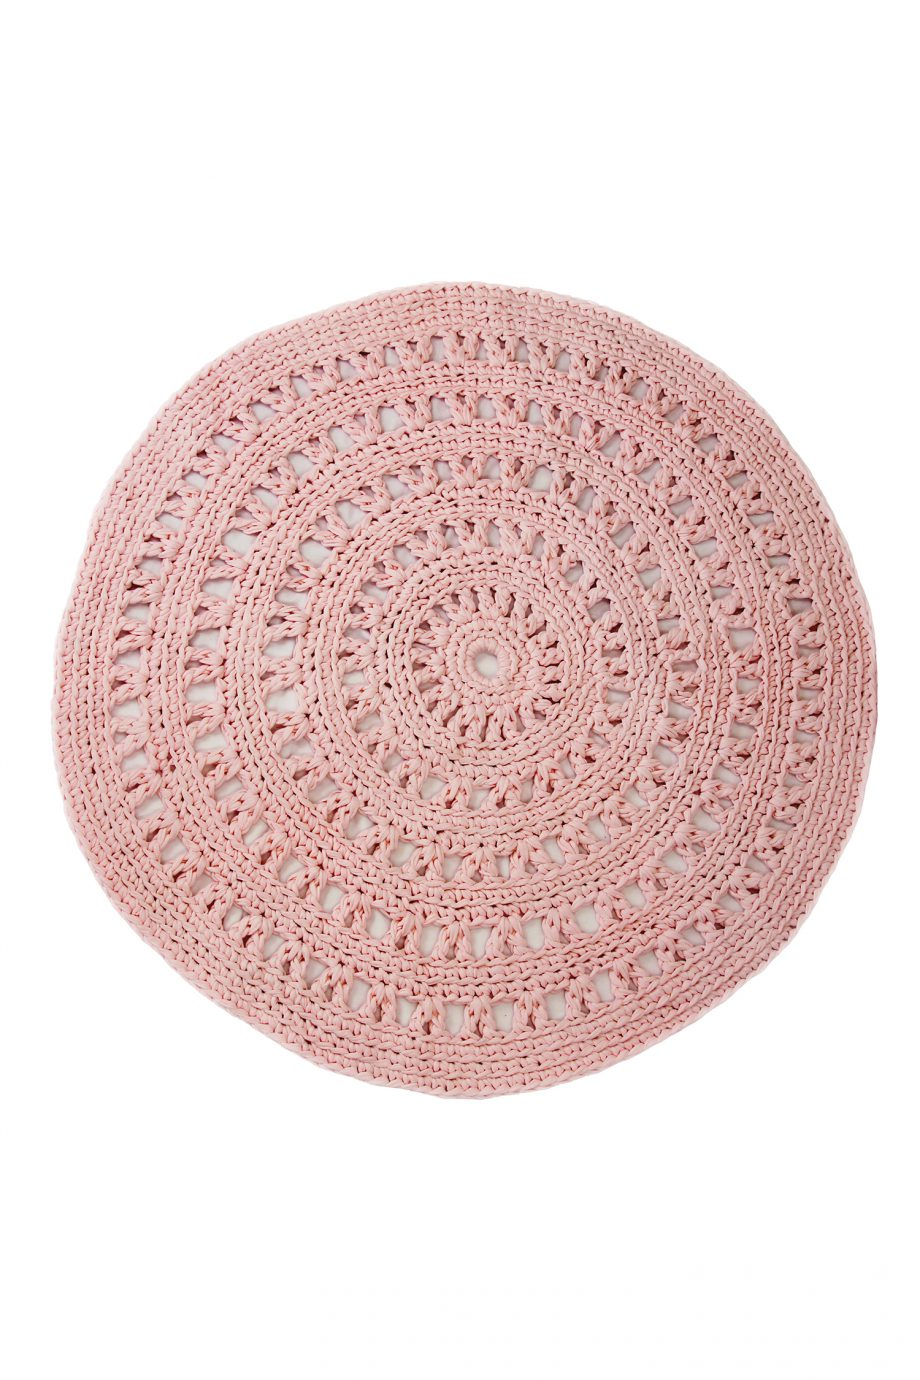 arab baby roze gehaakt katoenen kleed large